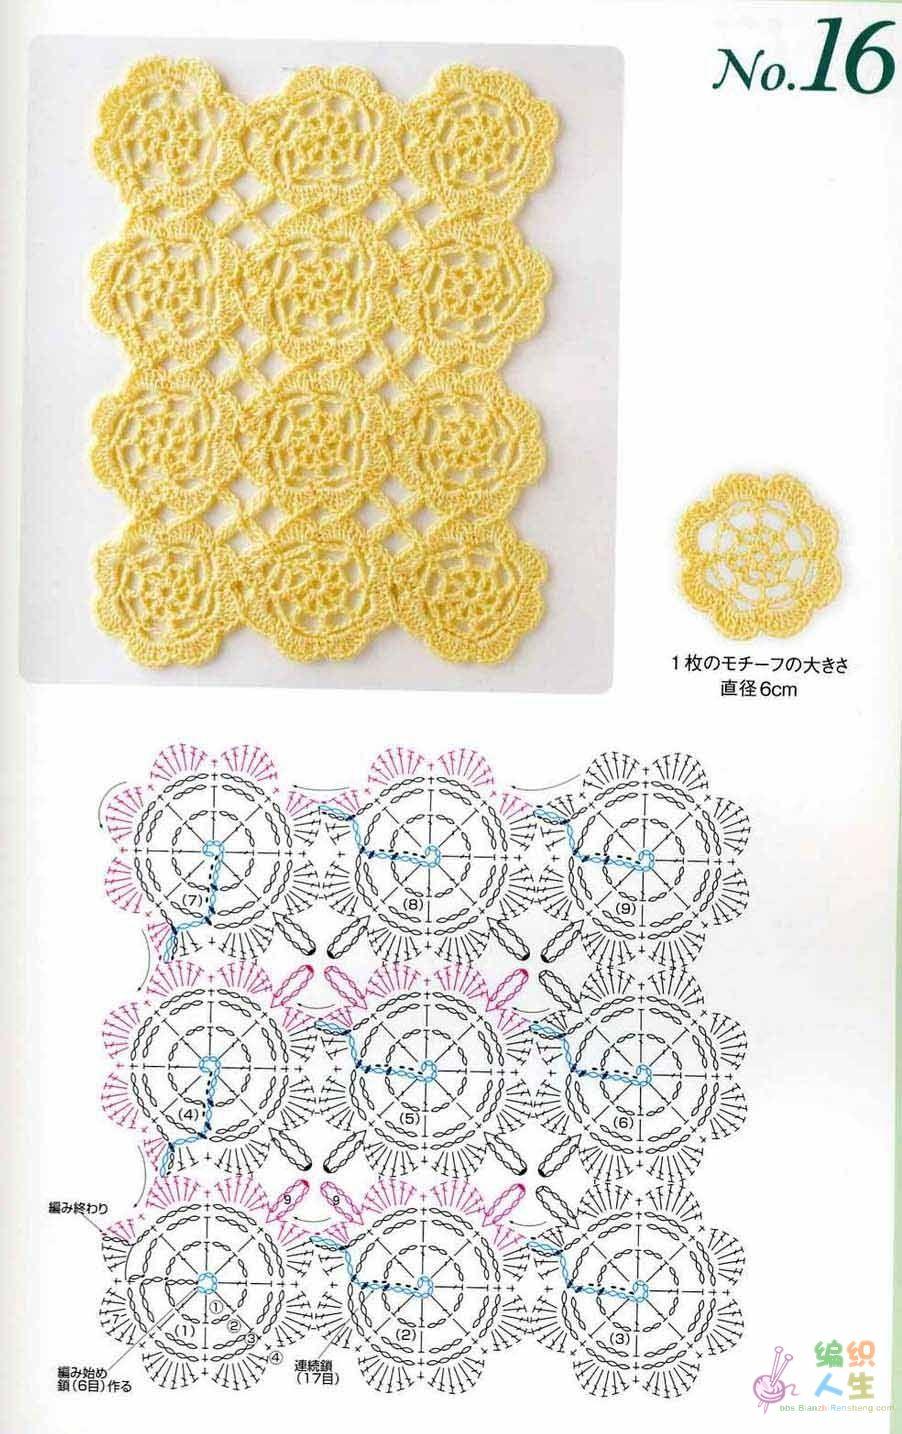 Clases de Puntos y Patrones. Libros - Patrones Crochet | Patrones de ...